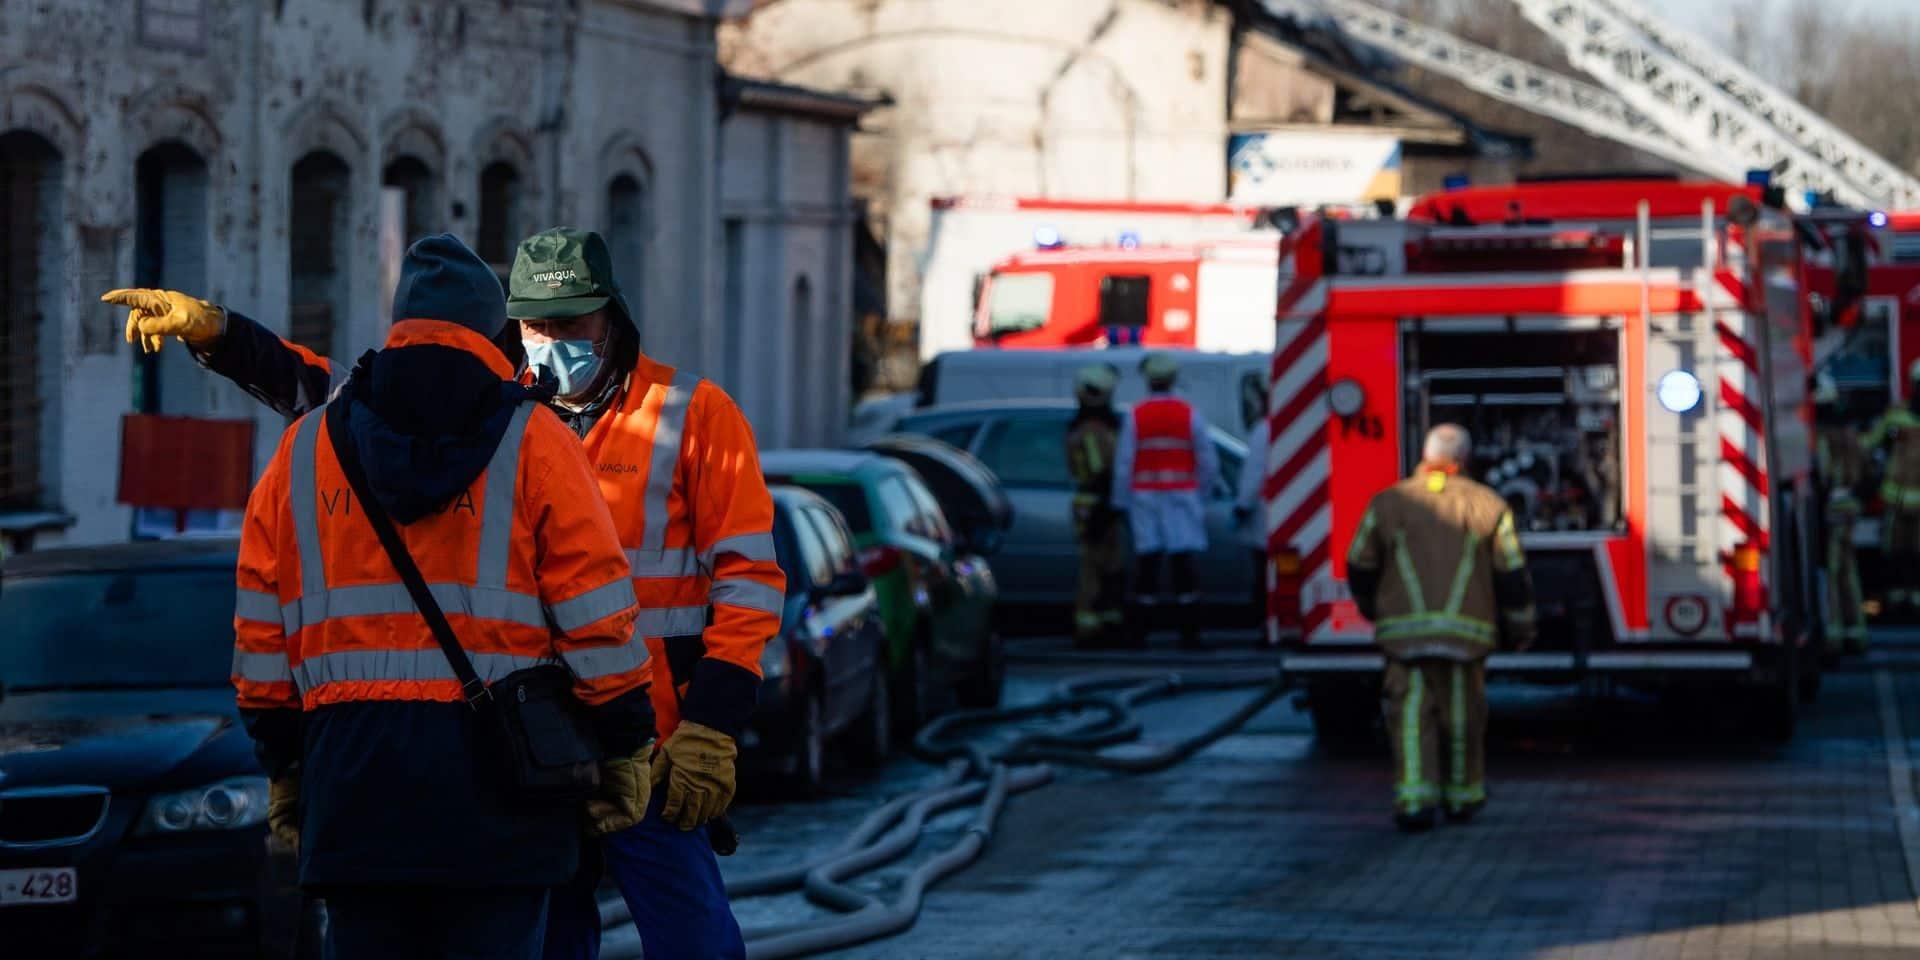 Une maison détruite à la suite d'un incendie à Laeken, deux squatteurs évacués